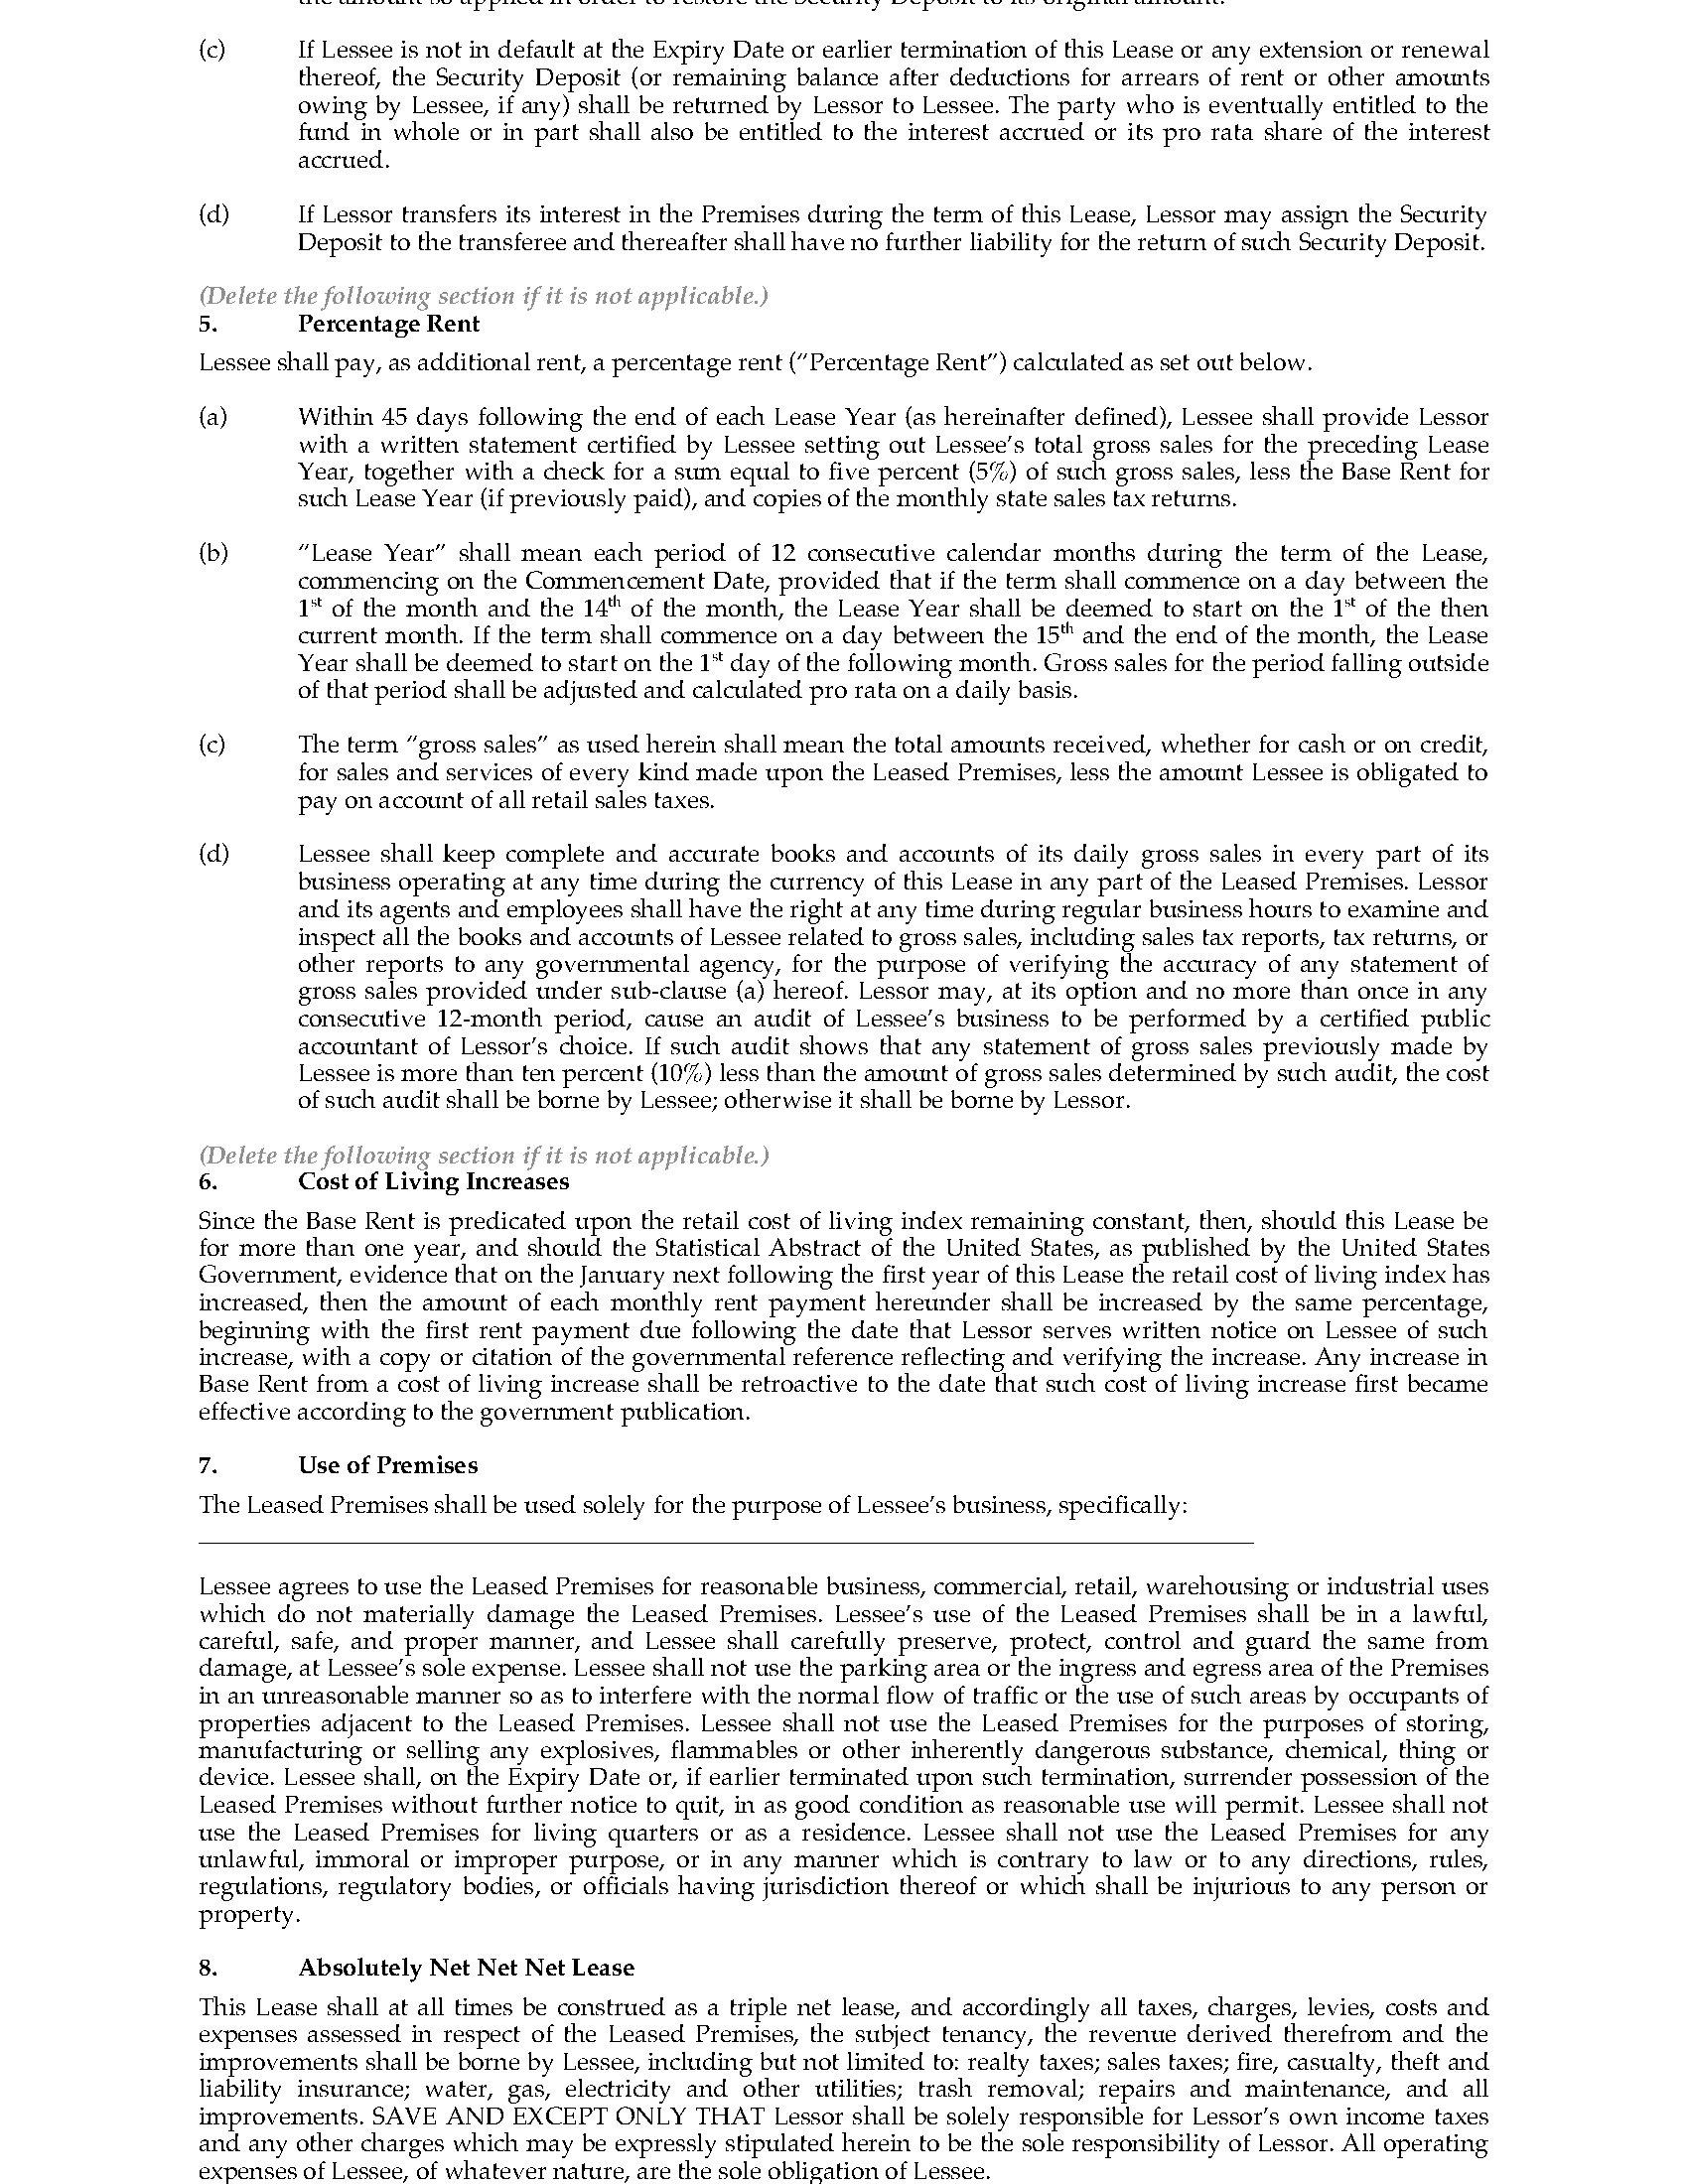 Wisconsin Mercial Triple Net Lease Agreement